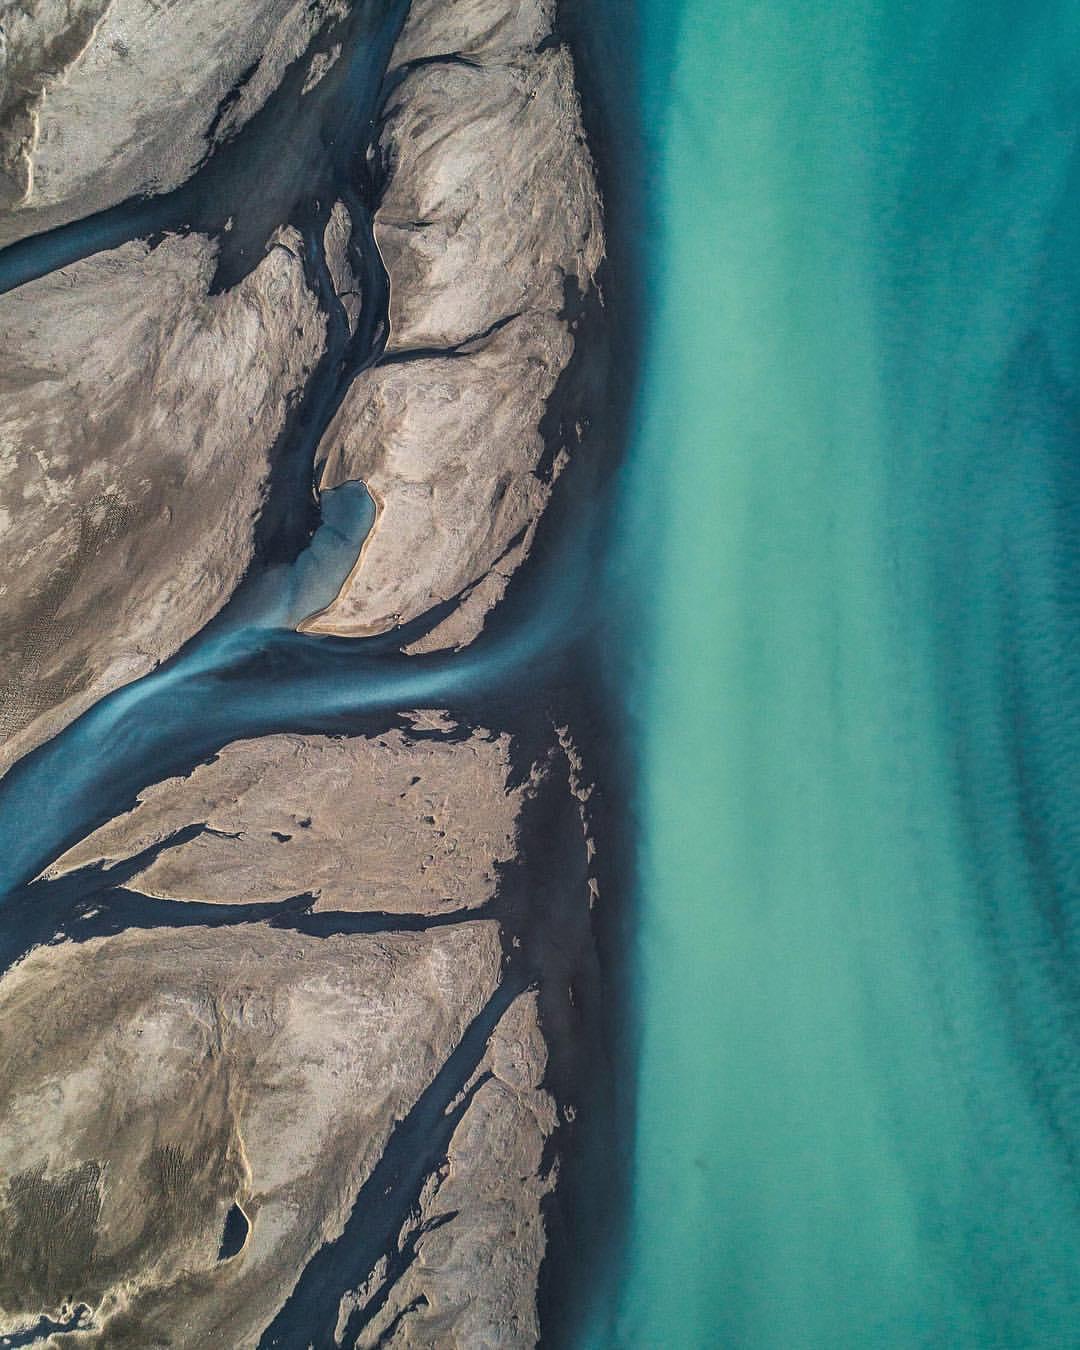 Невероятные аэрофотоснимки в фотопроекте Abstract Aerial Art